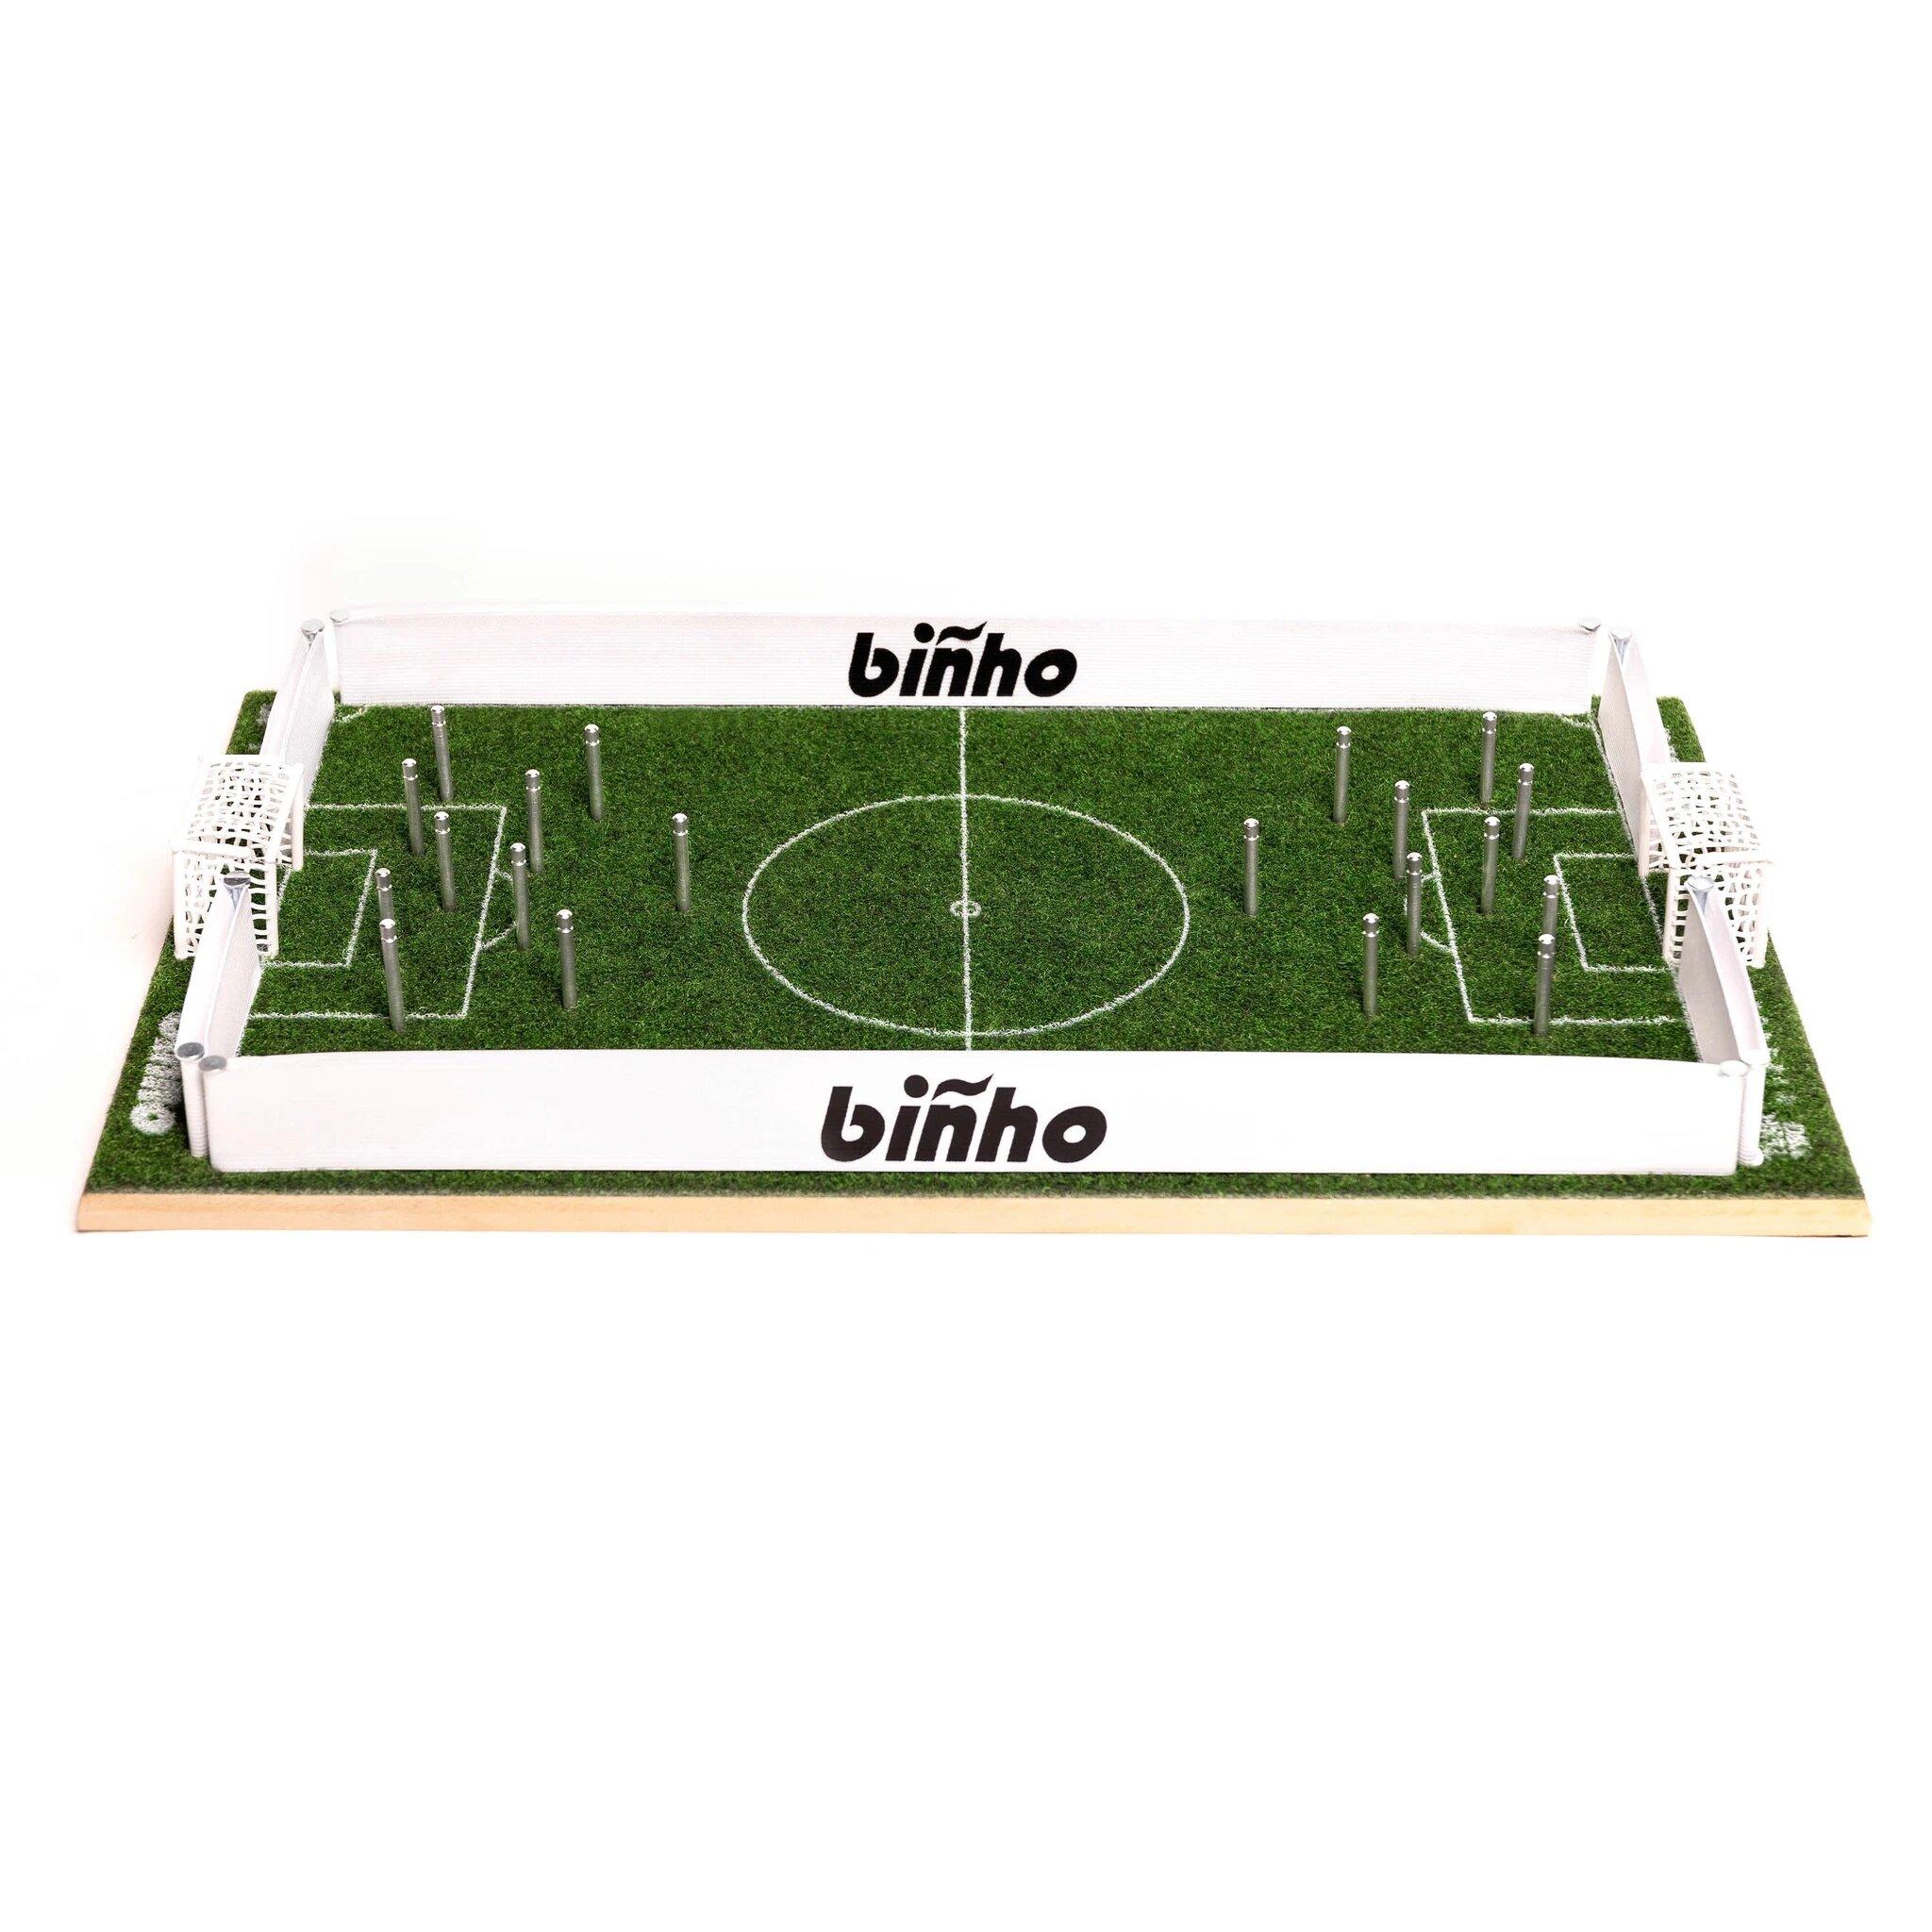 Binho Classic Green Turf (Ltd. Edition)